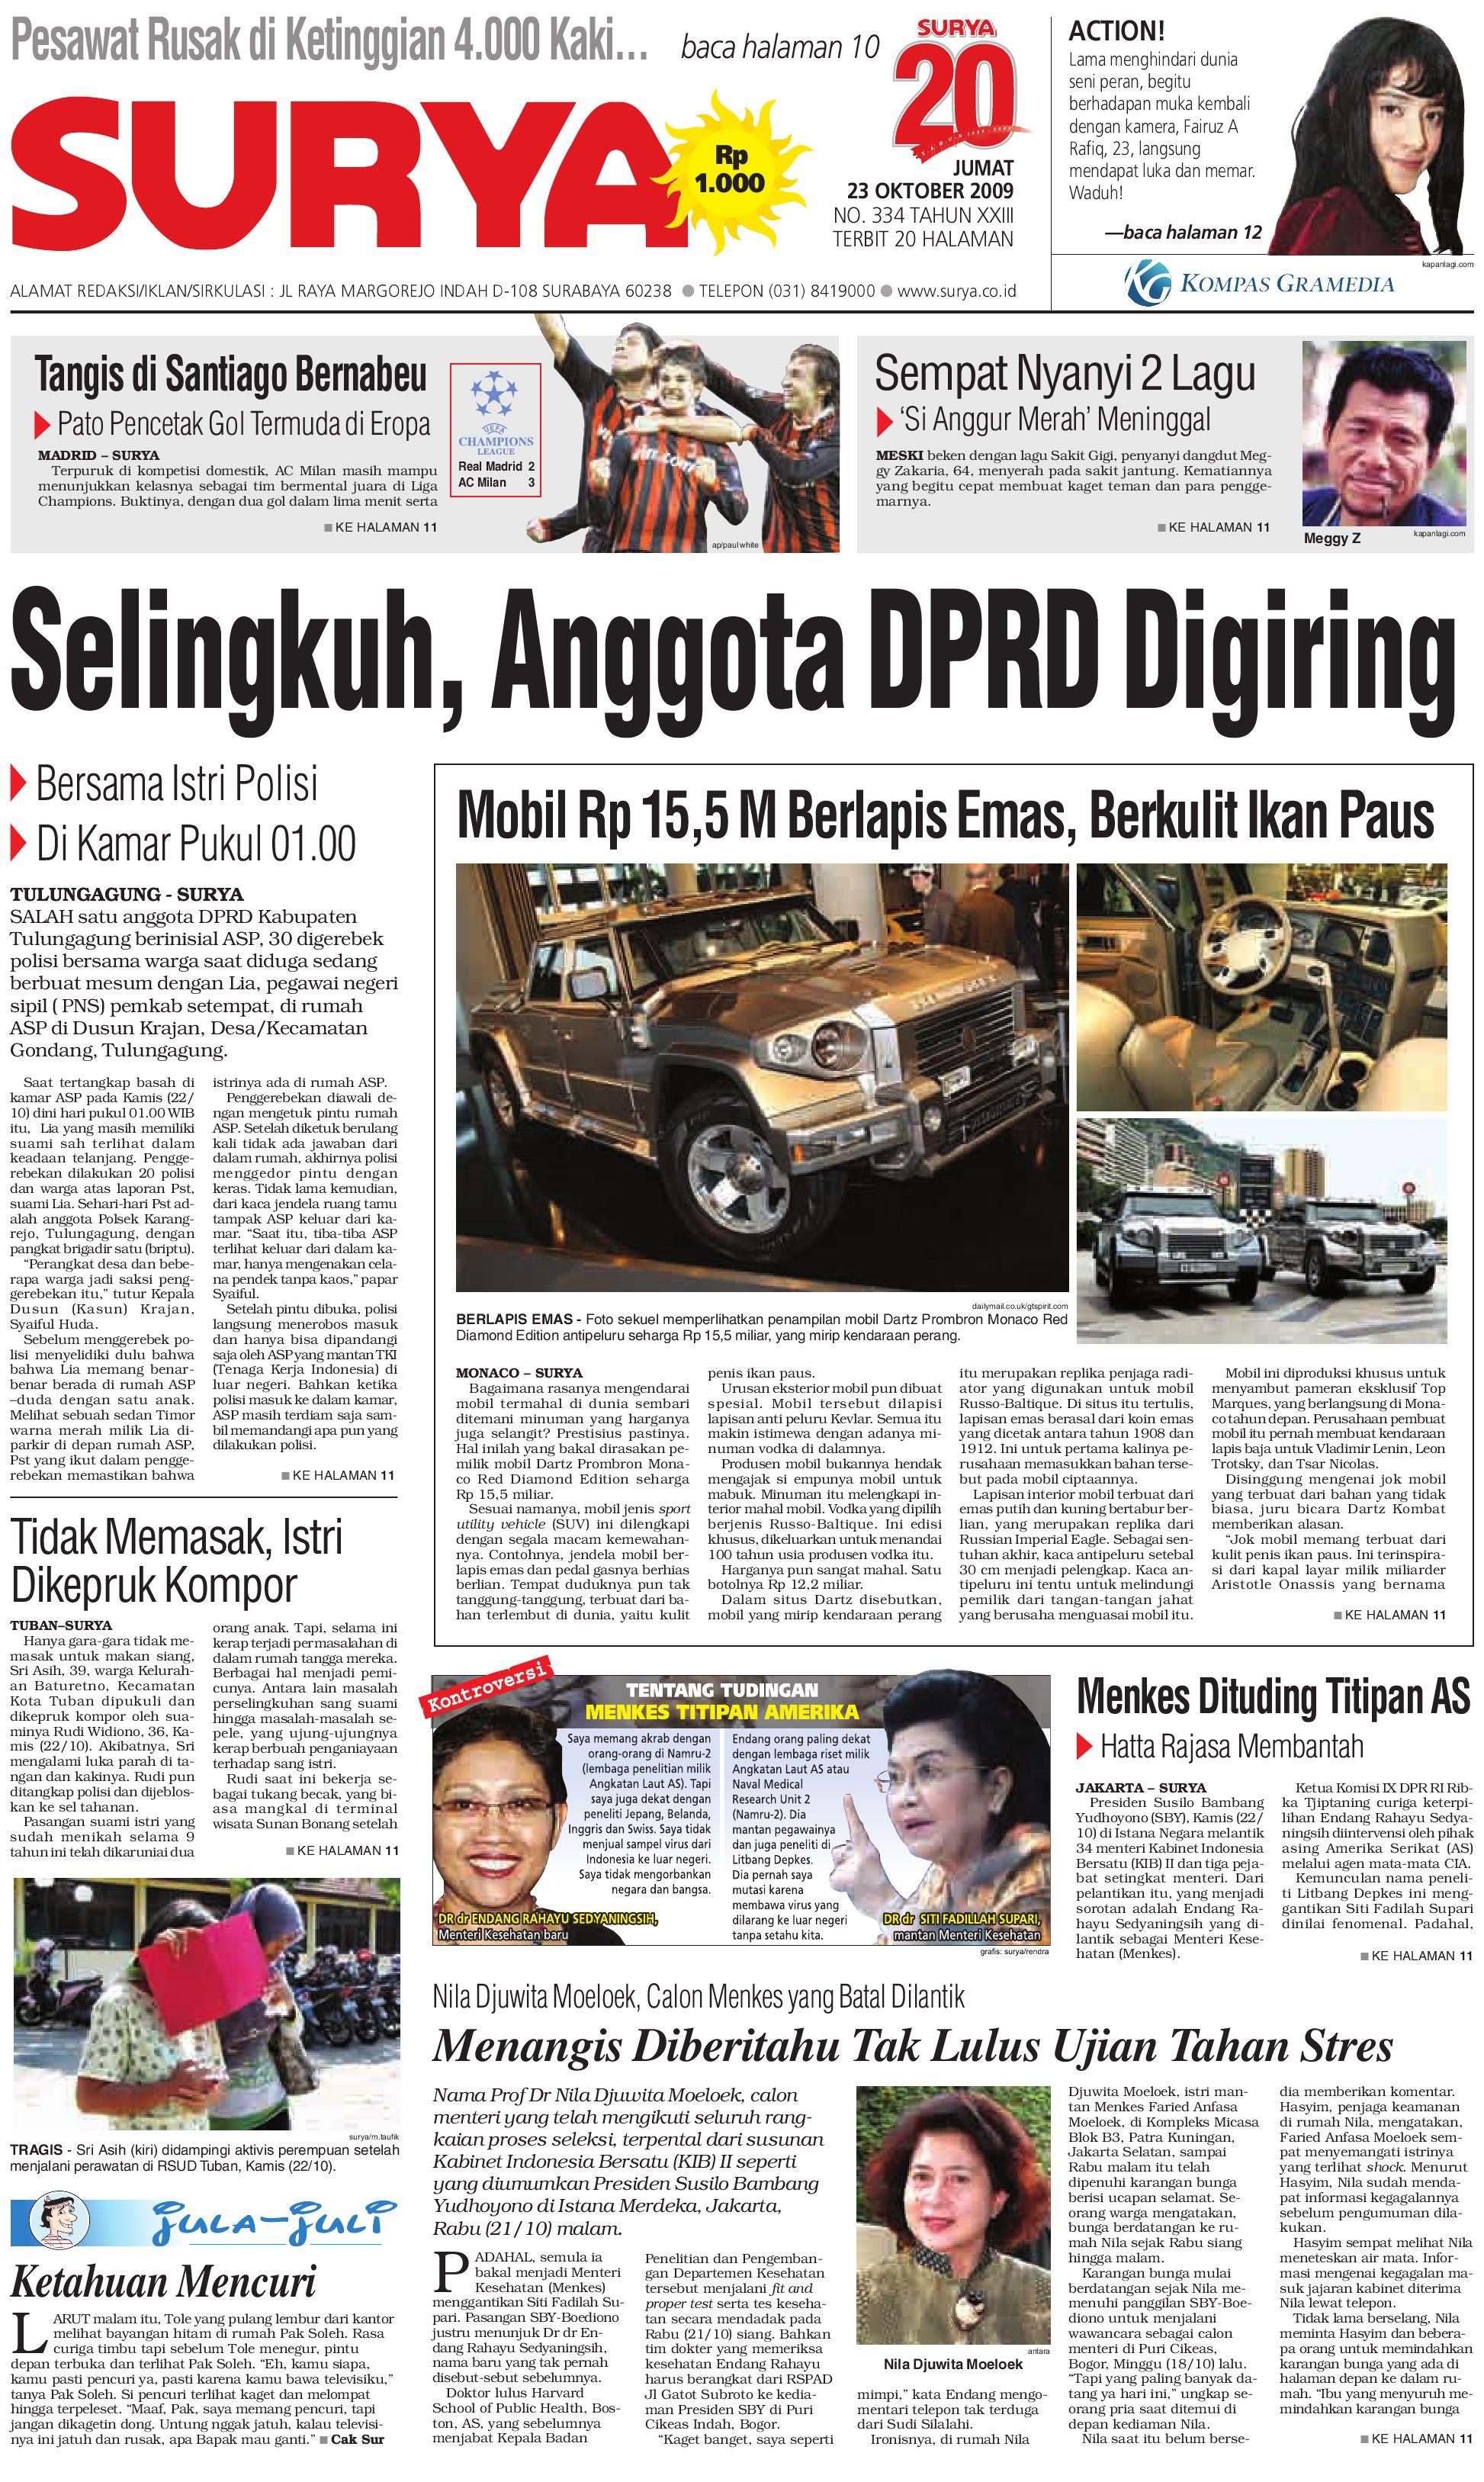 Surya Edisi Cetak 23 Okt 2009 by Harian SURYA - issuu b85cc4f913